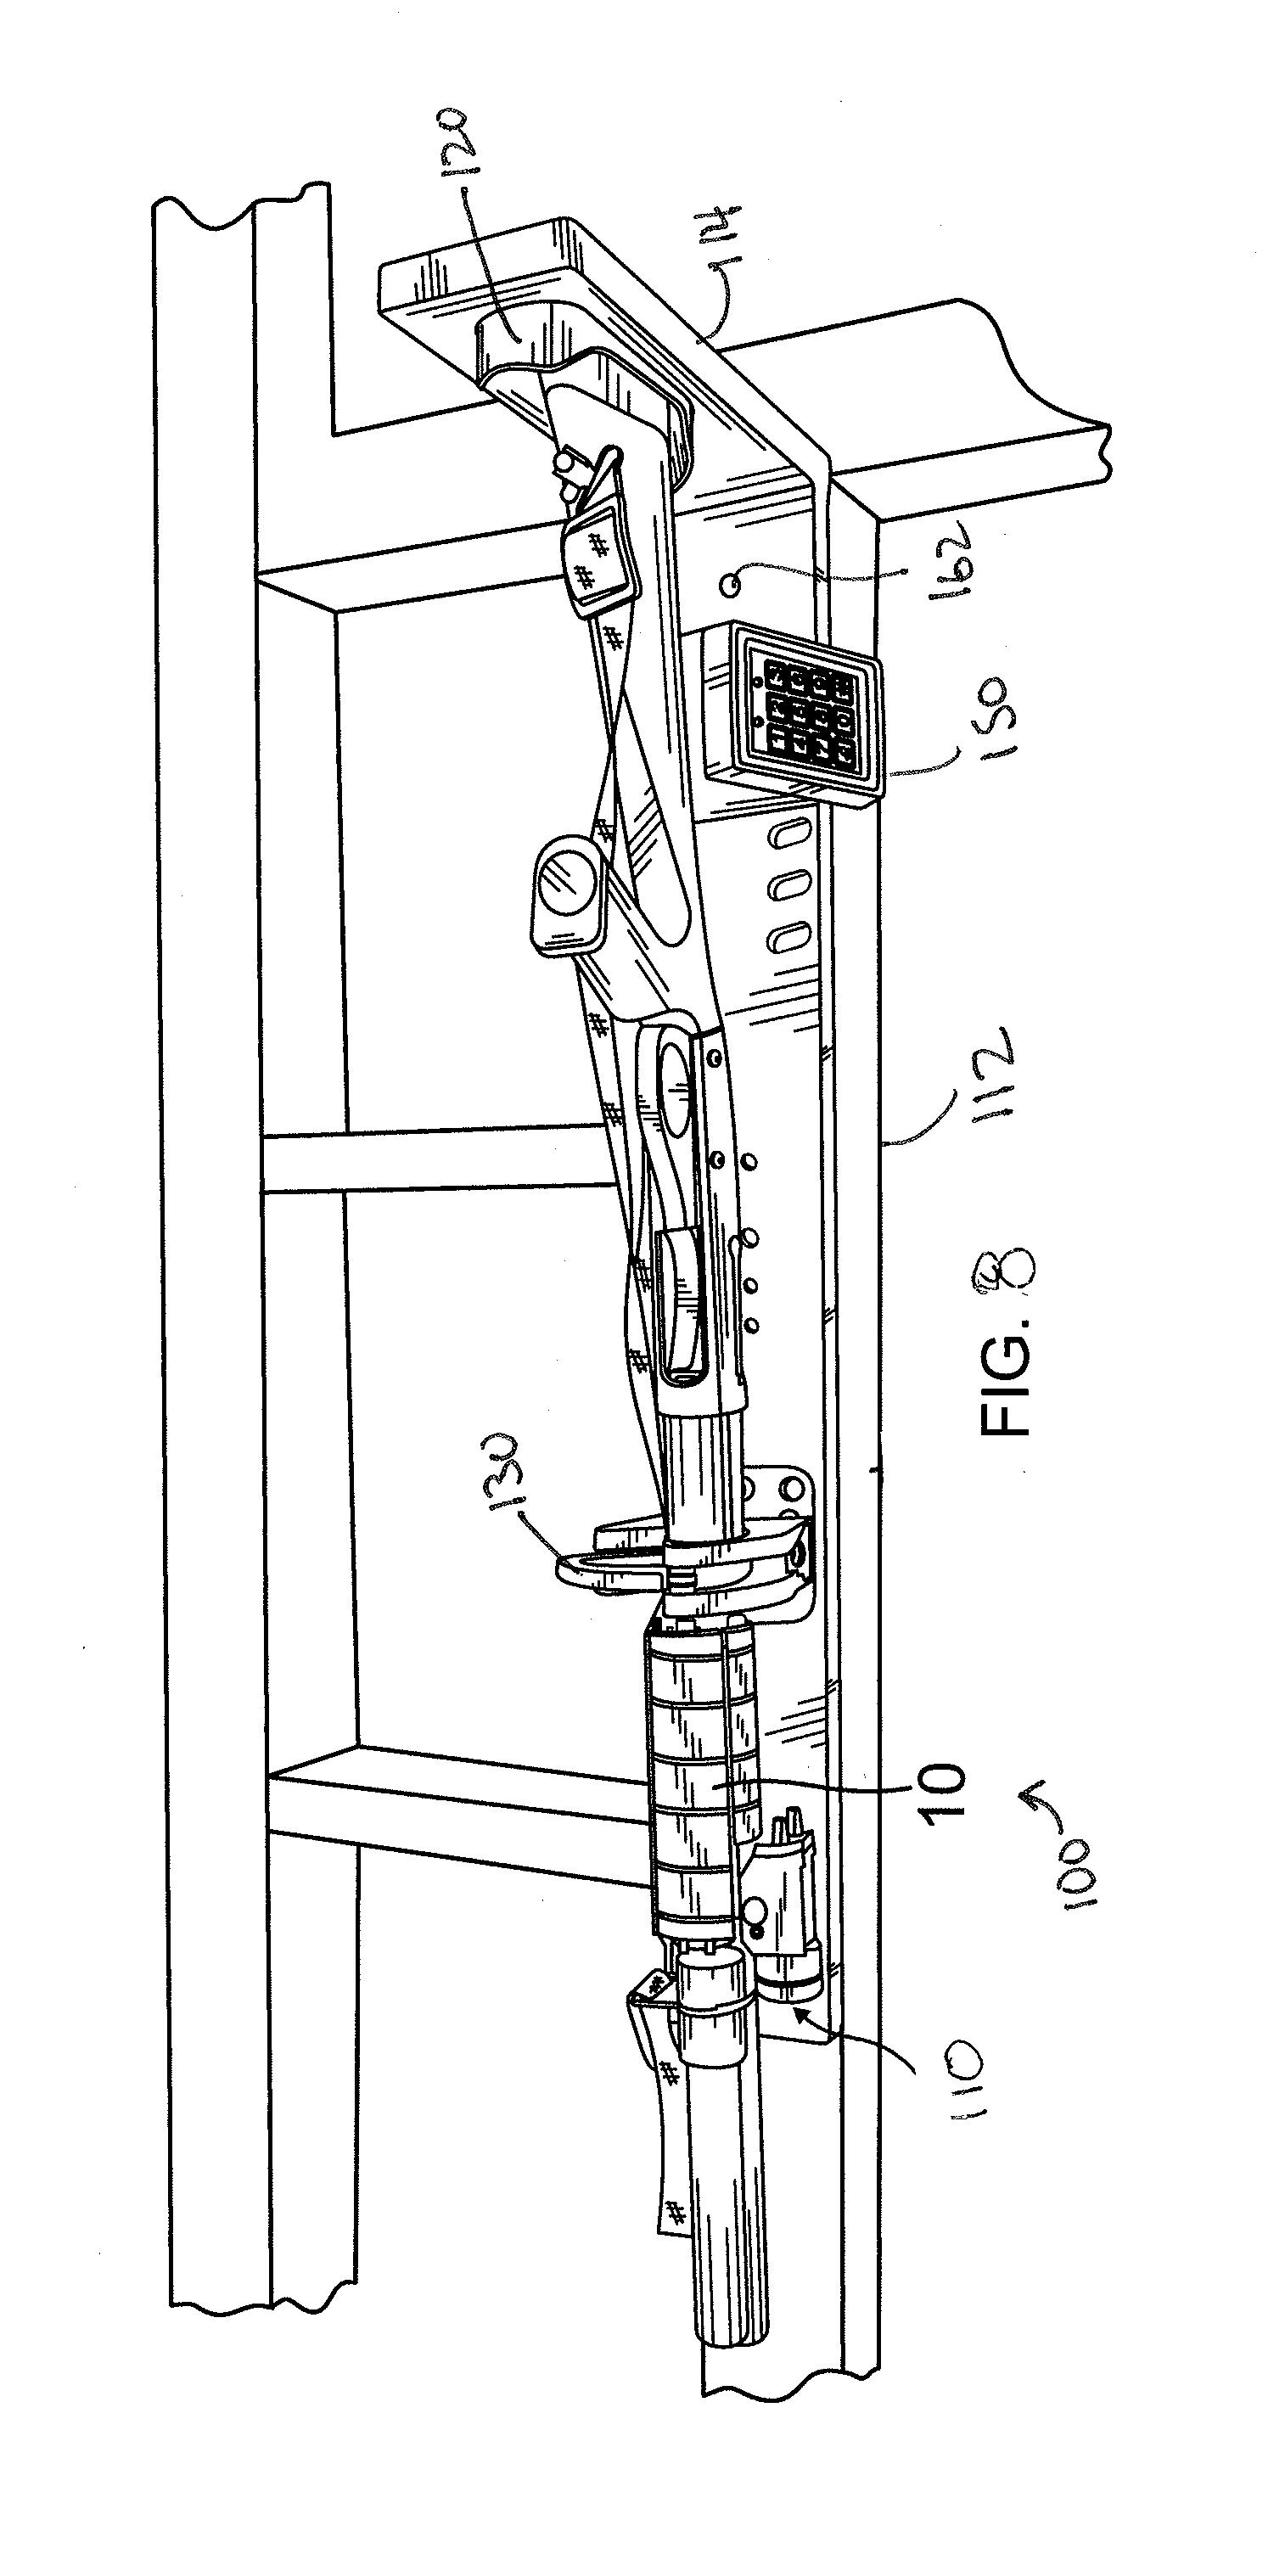 US20140263107A1 20140918 D00008 patent us20140263107 locking gun rack system with quick pro gard gun lock timer wiring diagram at honlapkeszites.co